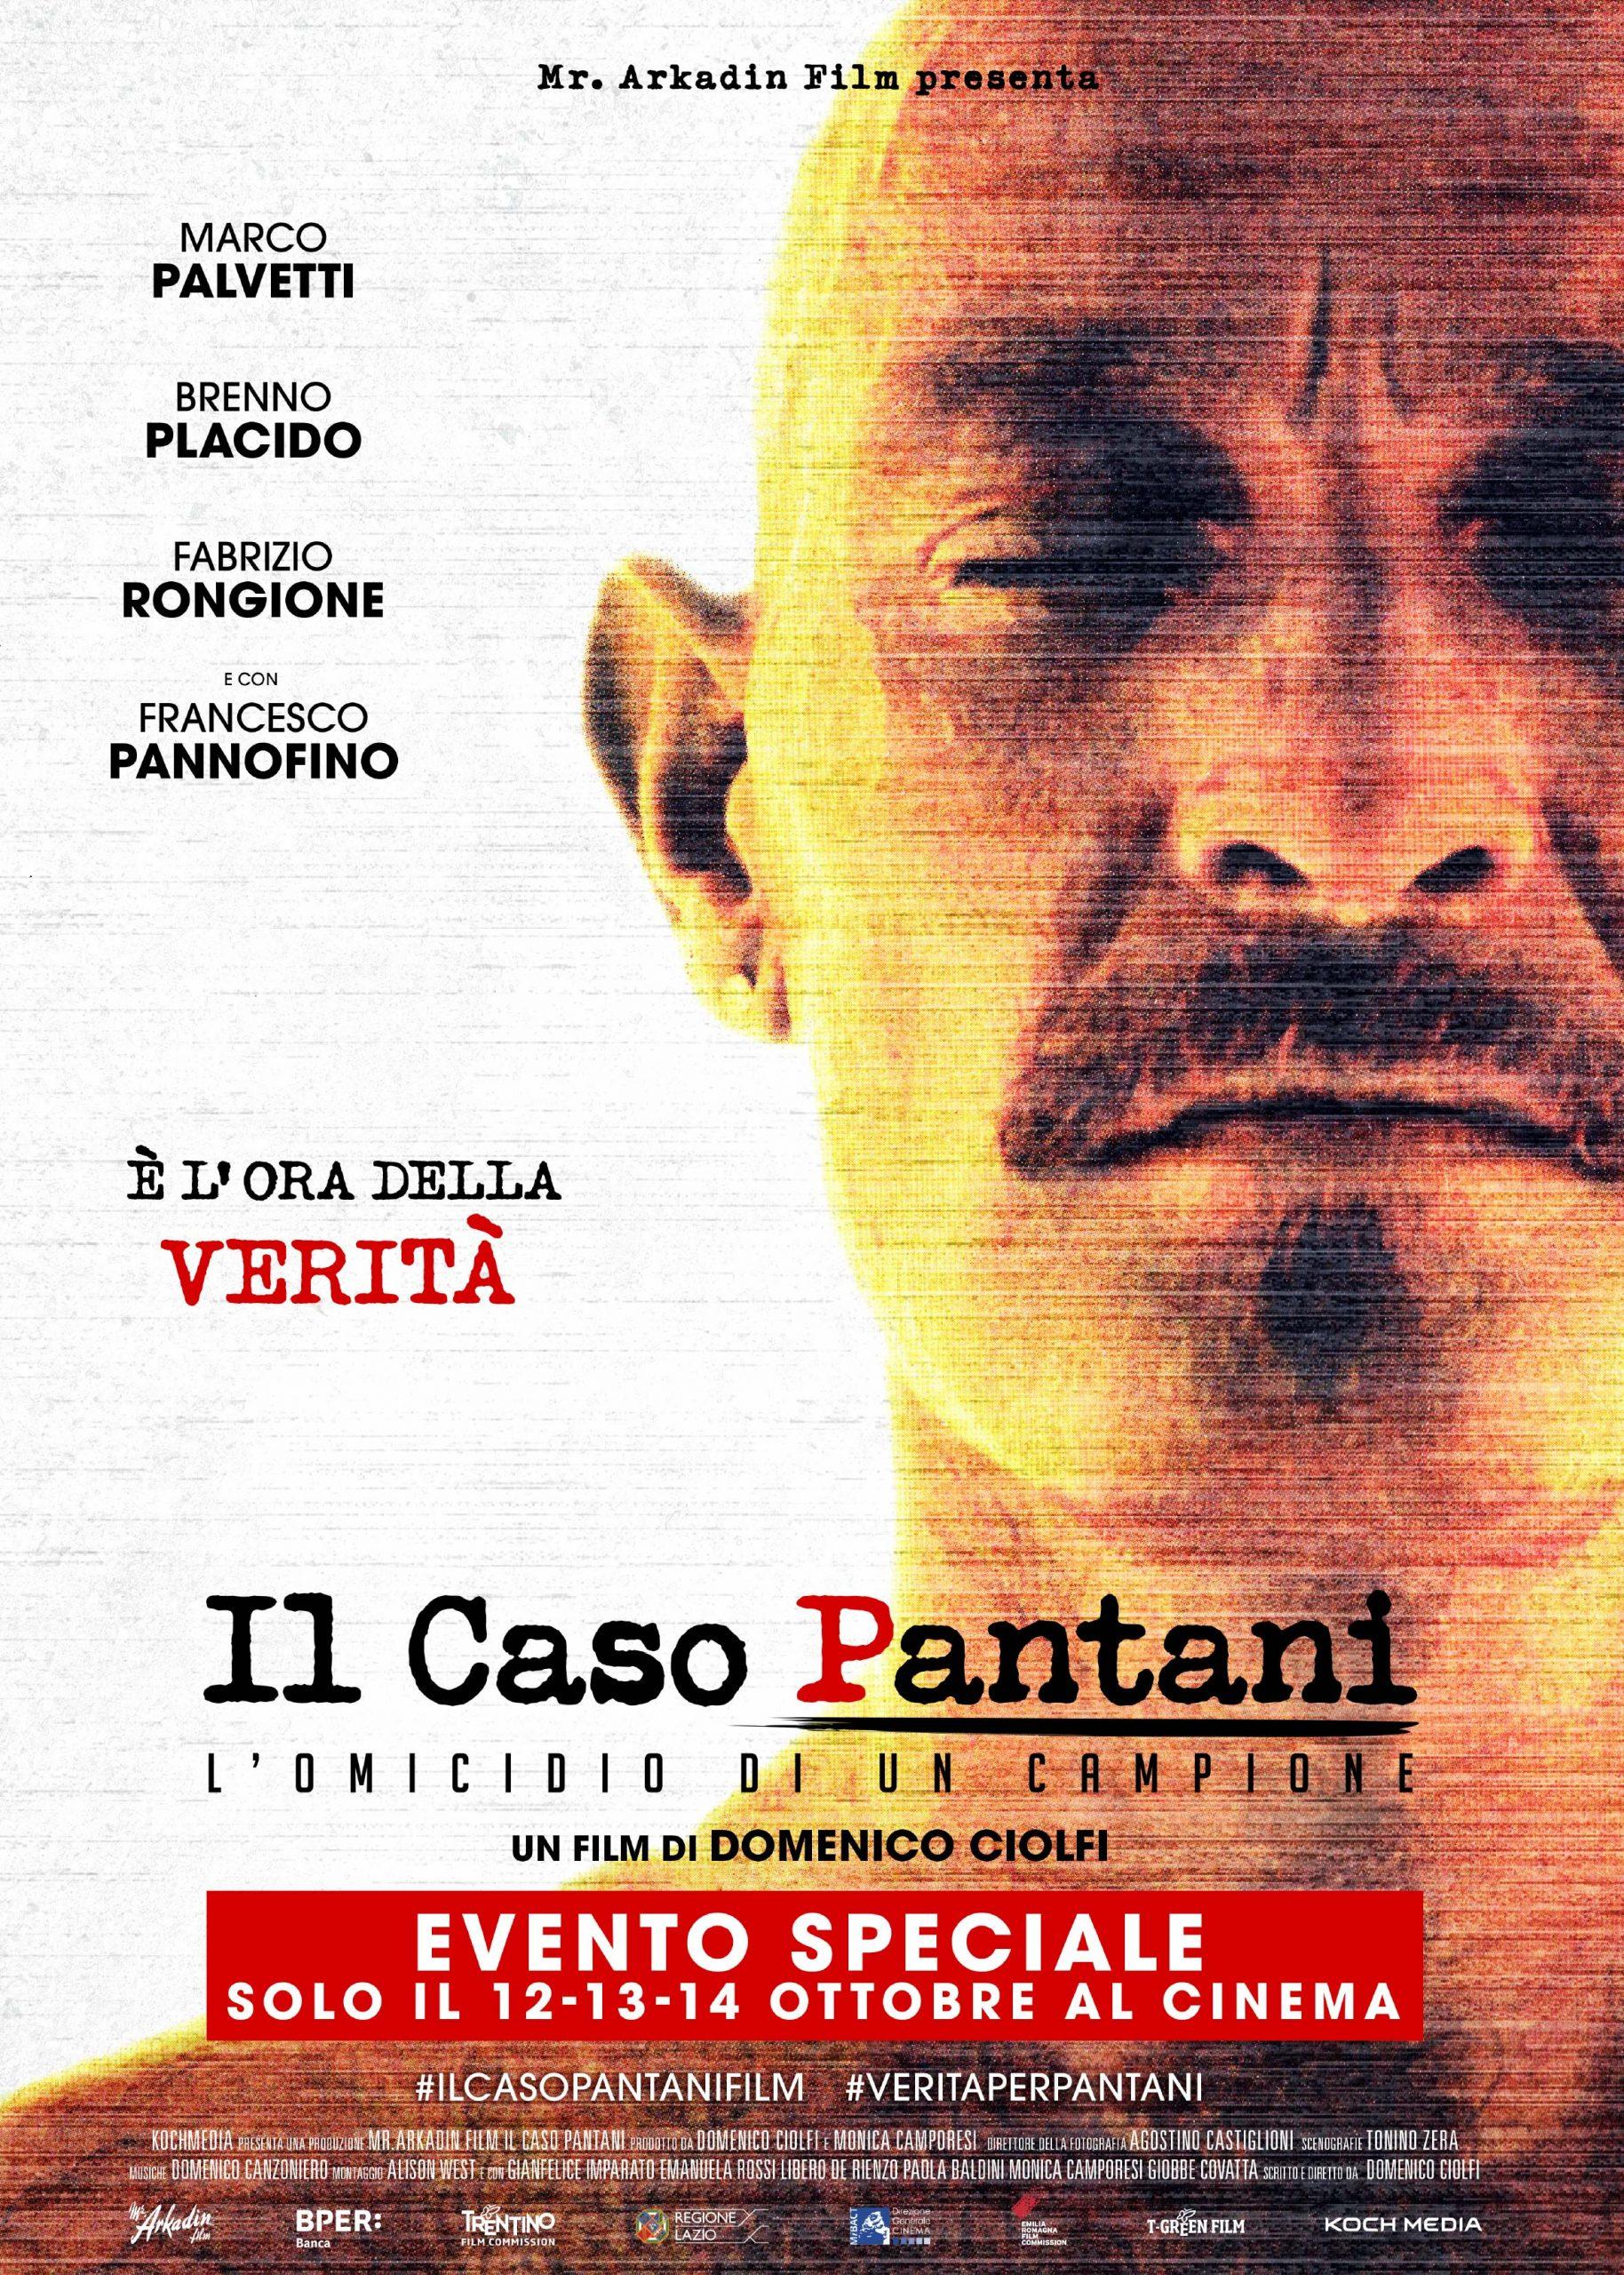 Il caso Pantani - L'omicidio di un campione